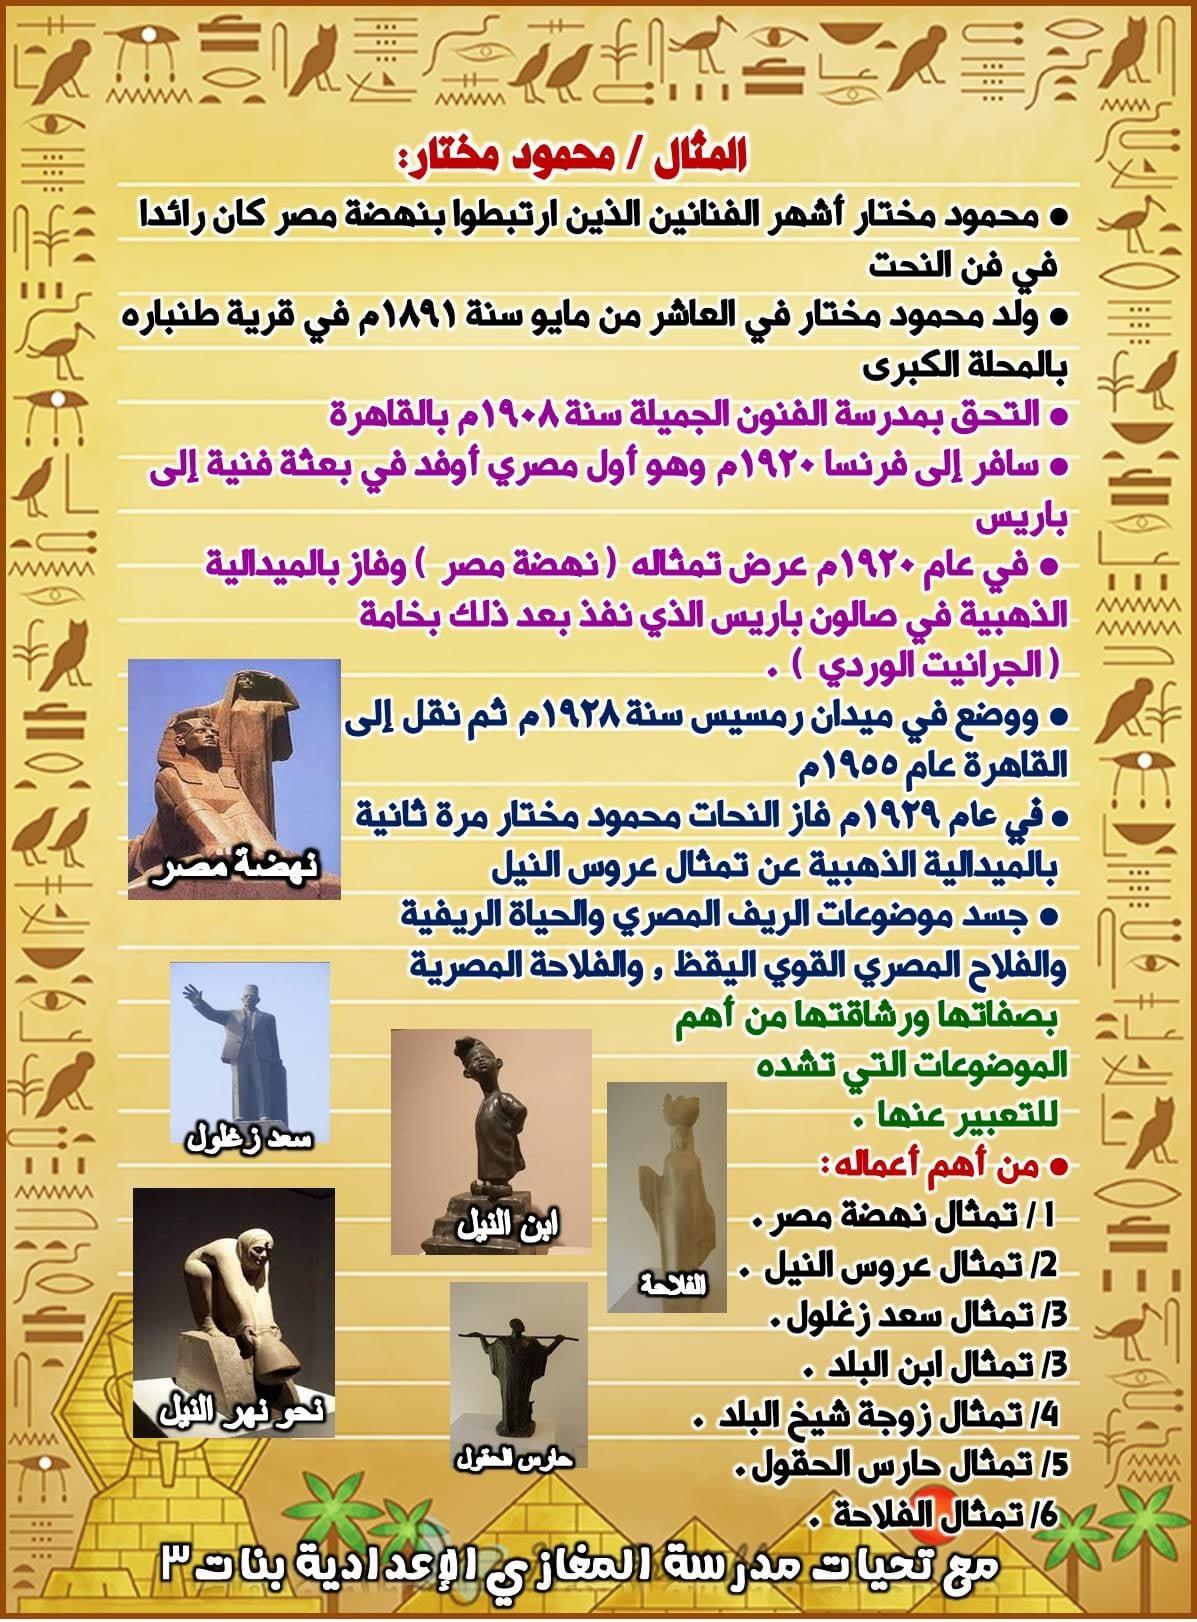 مراجعة التربية الفنية للصف الثالث الإعدادى ترم ثاني | صور 4